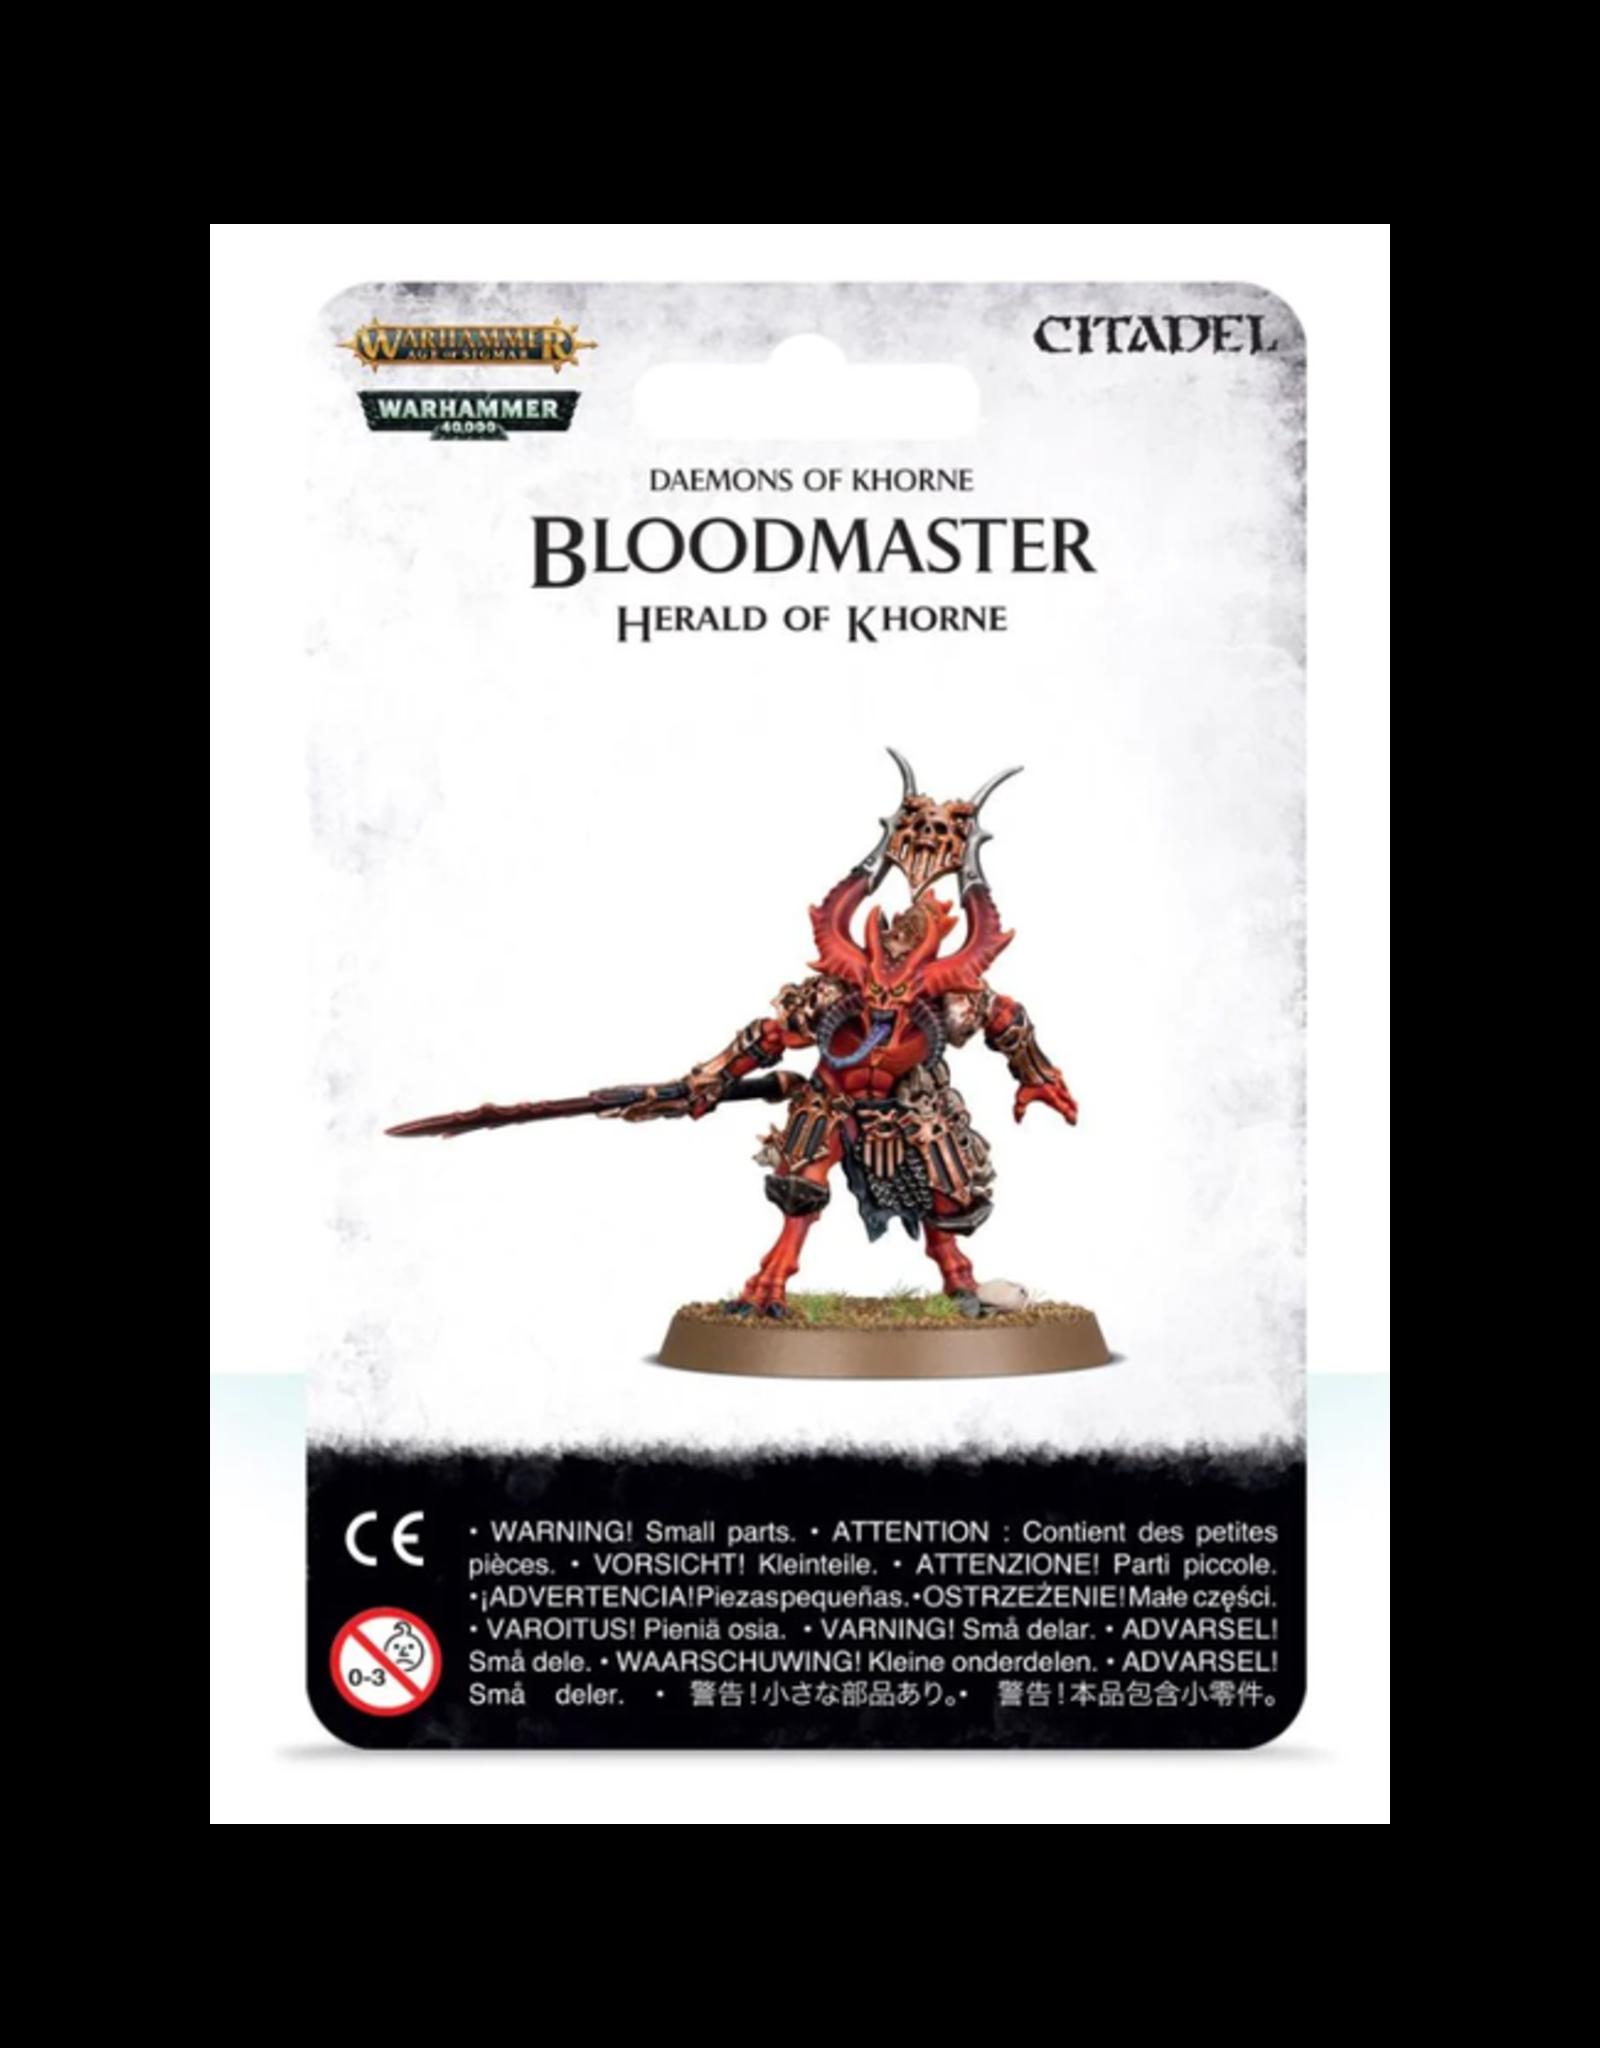 Daemons of Khorne Bloodmaster Herald of Khorne (AOS)